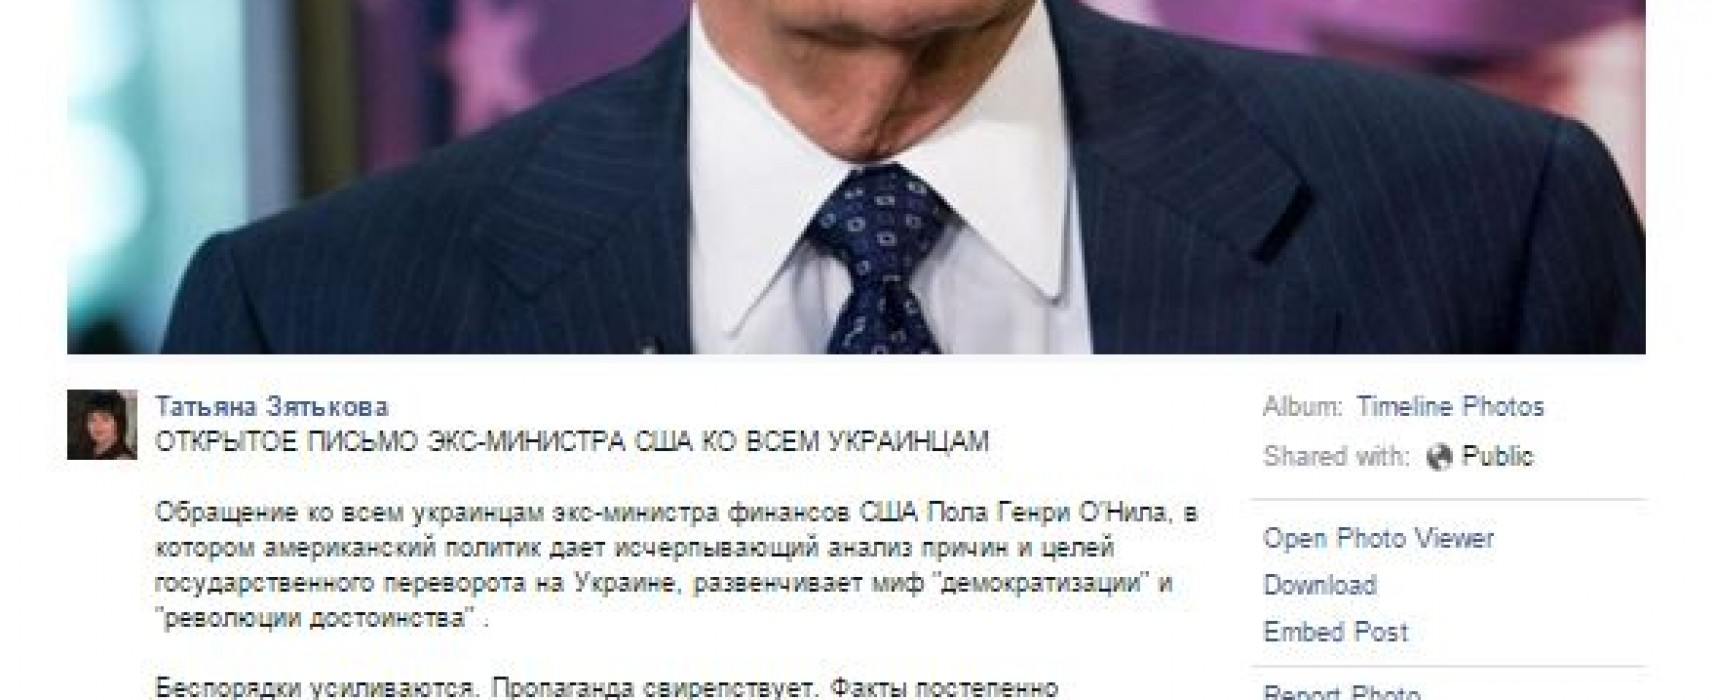 Фейк: бивш министър на САЩ разкритикувал Евромайдана